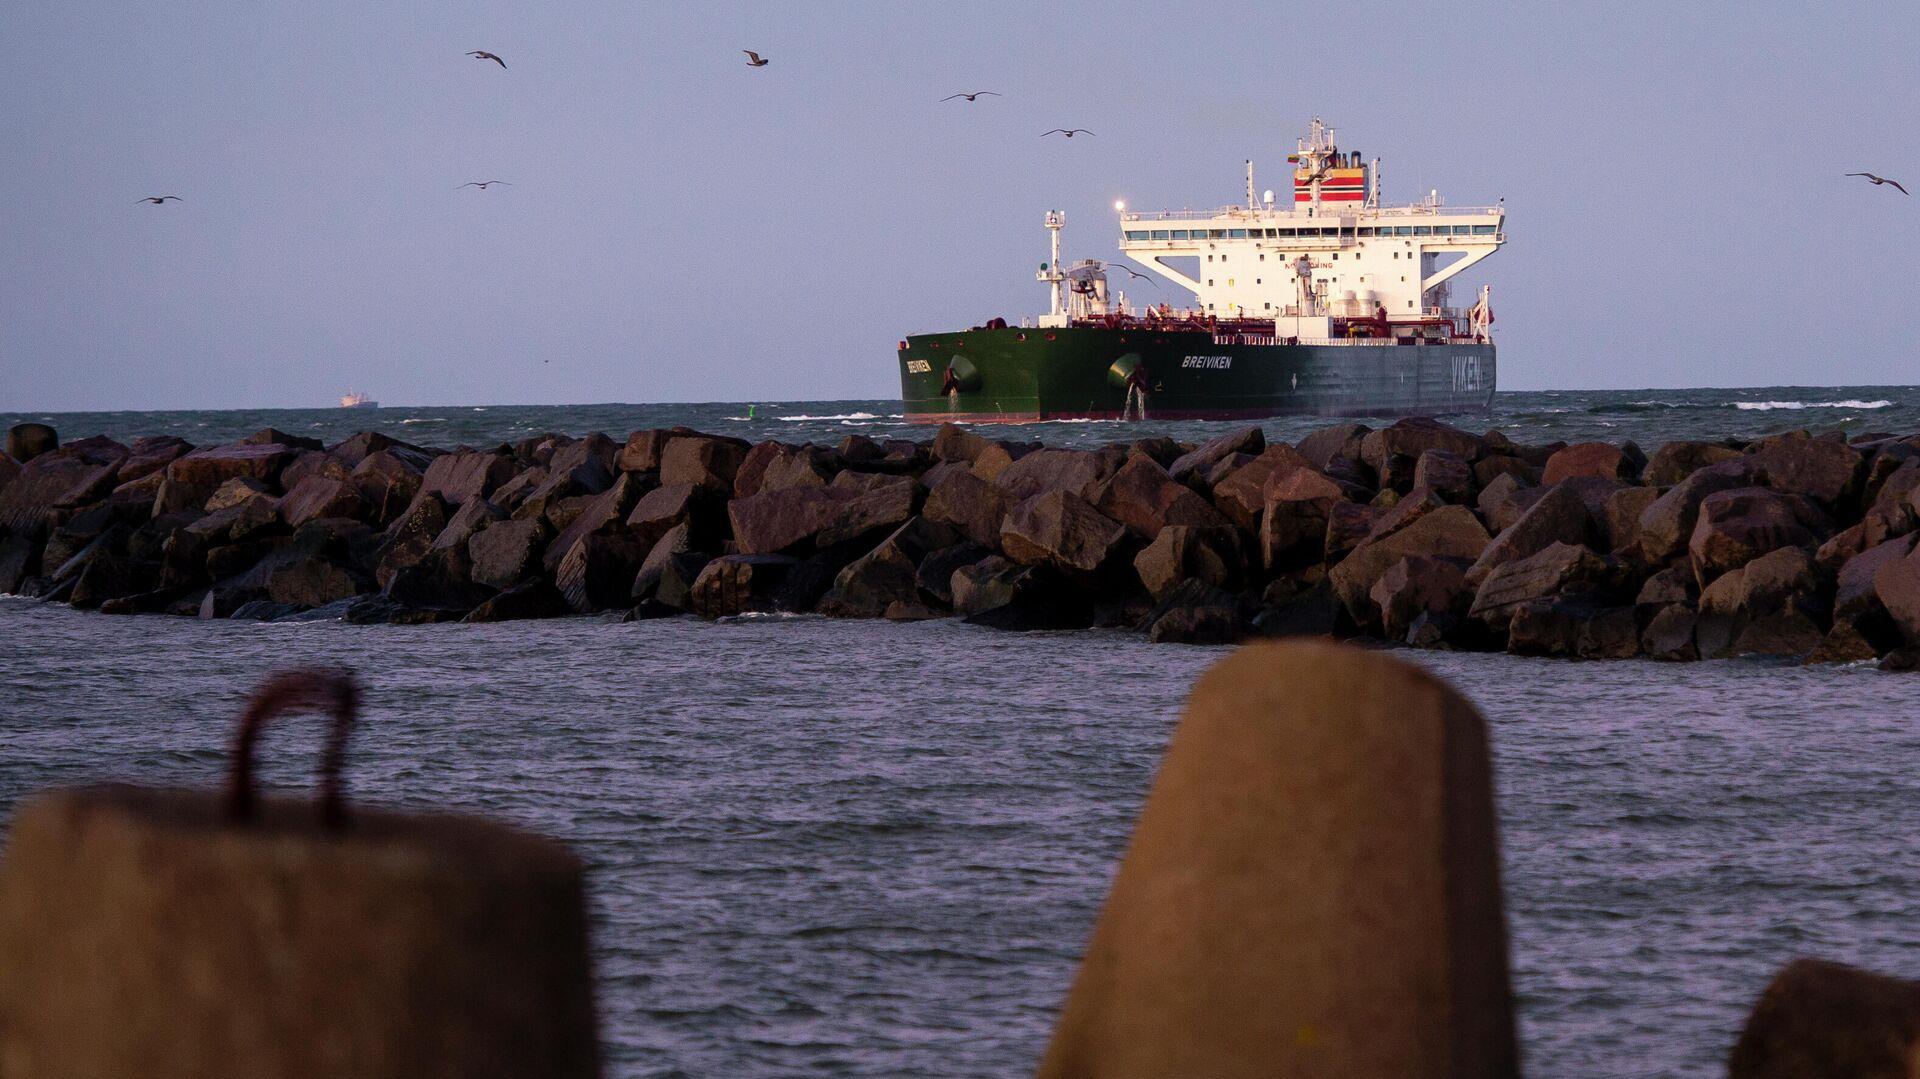 Норвежский нефтяной танкер Breiviken проходит через морской порт Клайпеды - РИА Новости, 1920, 03.12.2020